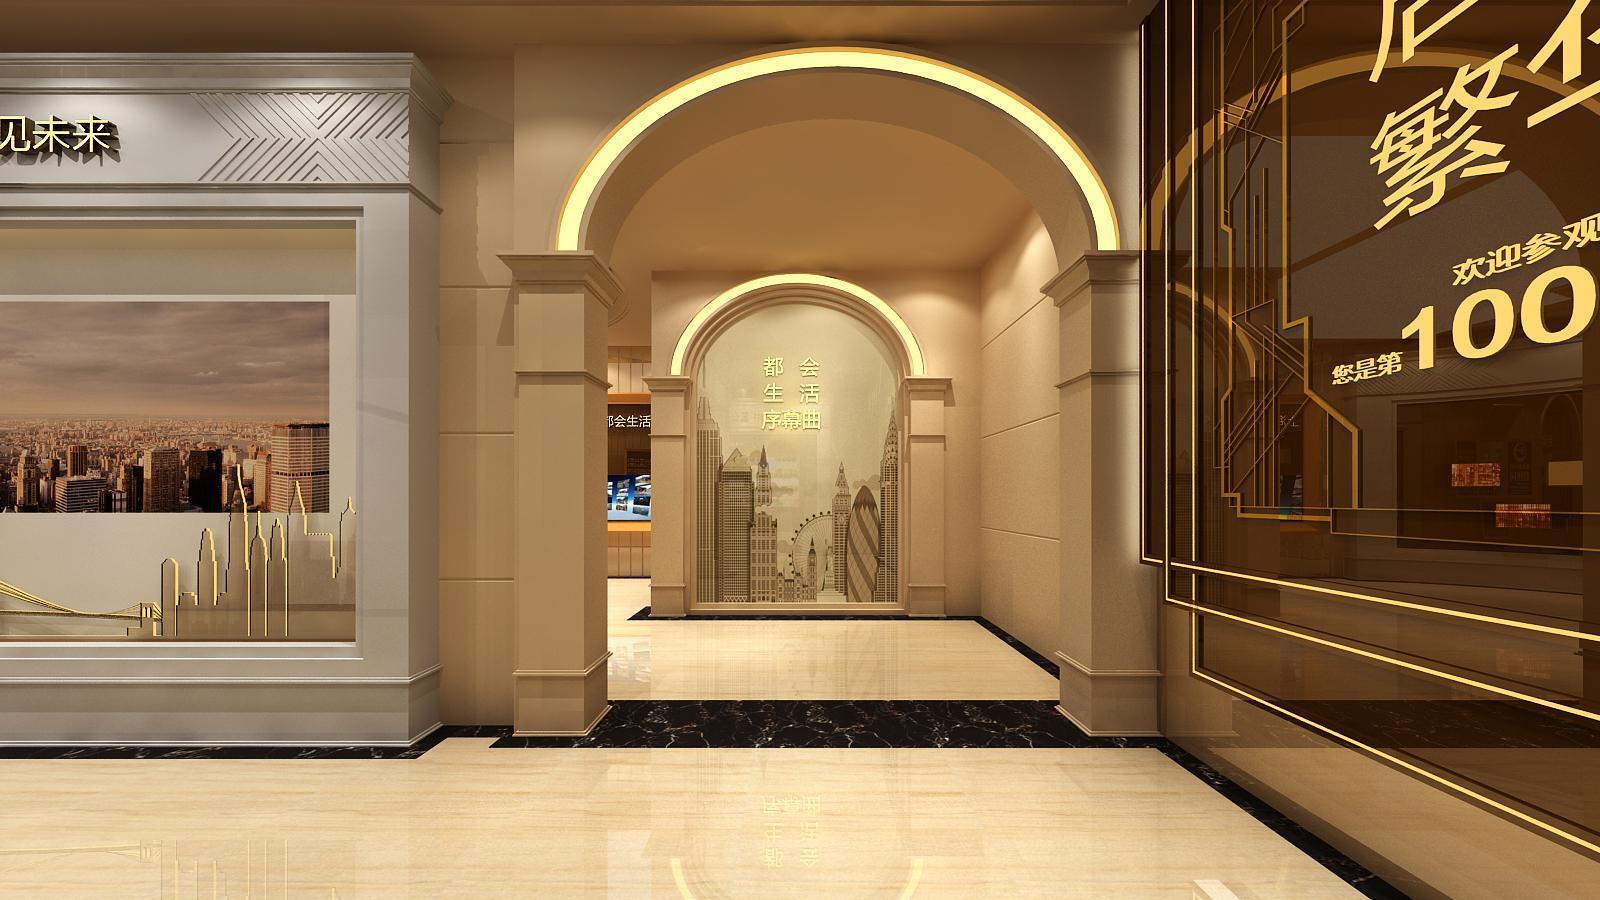 碧桂园新城体验馆设计方案之转角设计